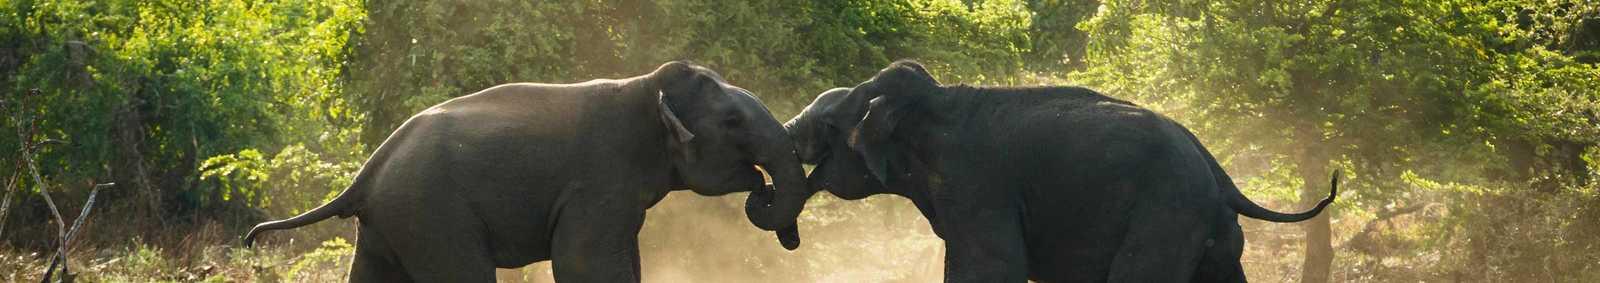 The dust flies as two male elephants do battle in Sri Lankas Yala National Park